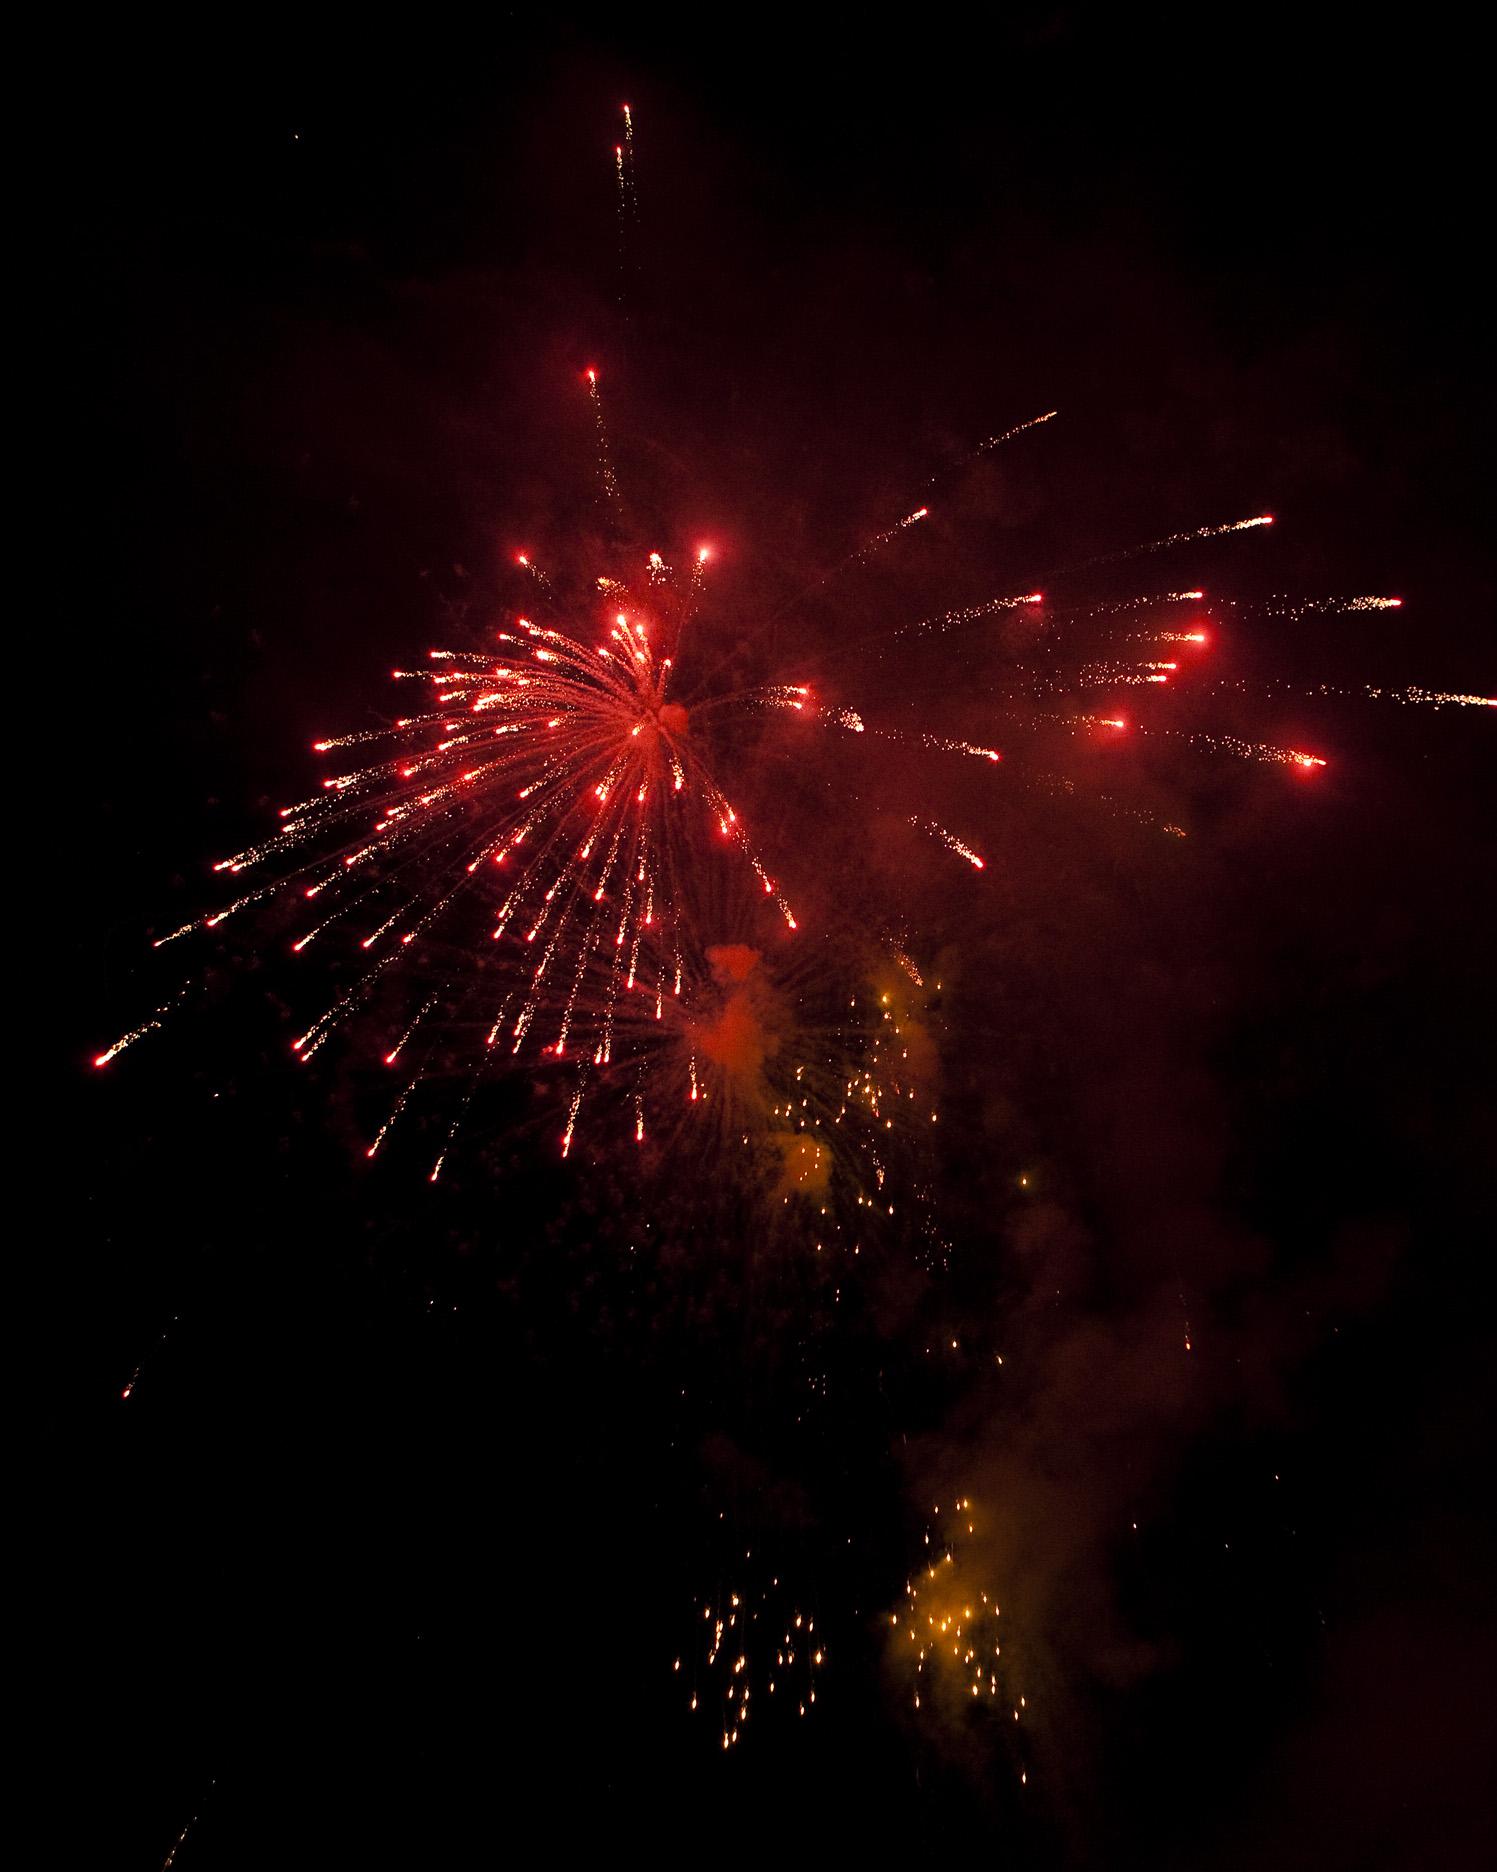 090703_BOVINA_FIREWORKS_104_BP_SM.jpg